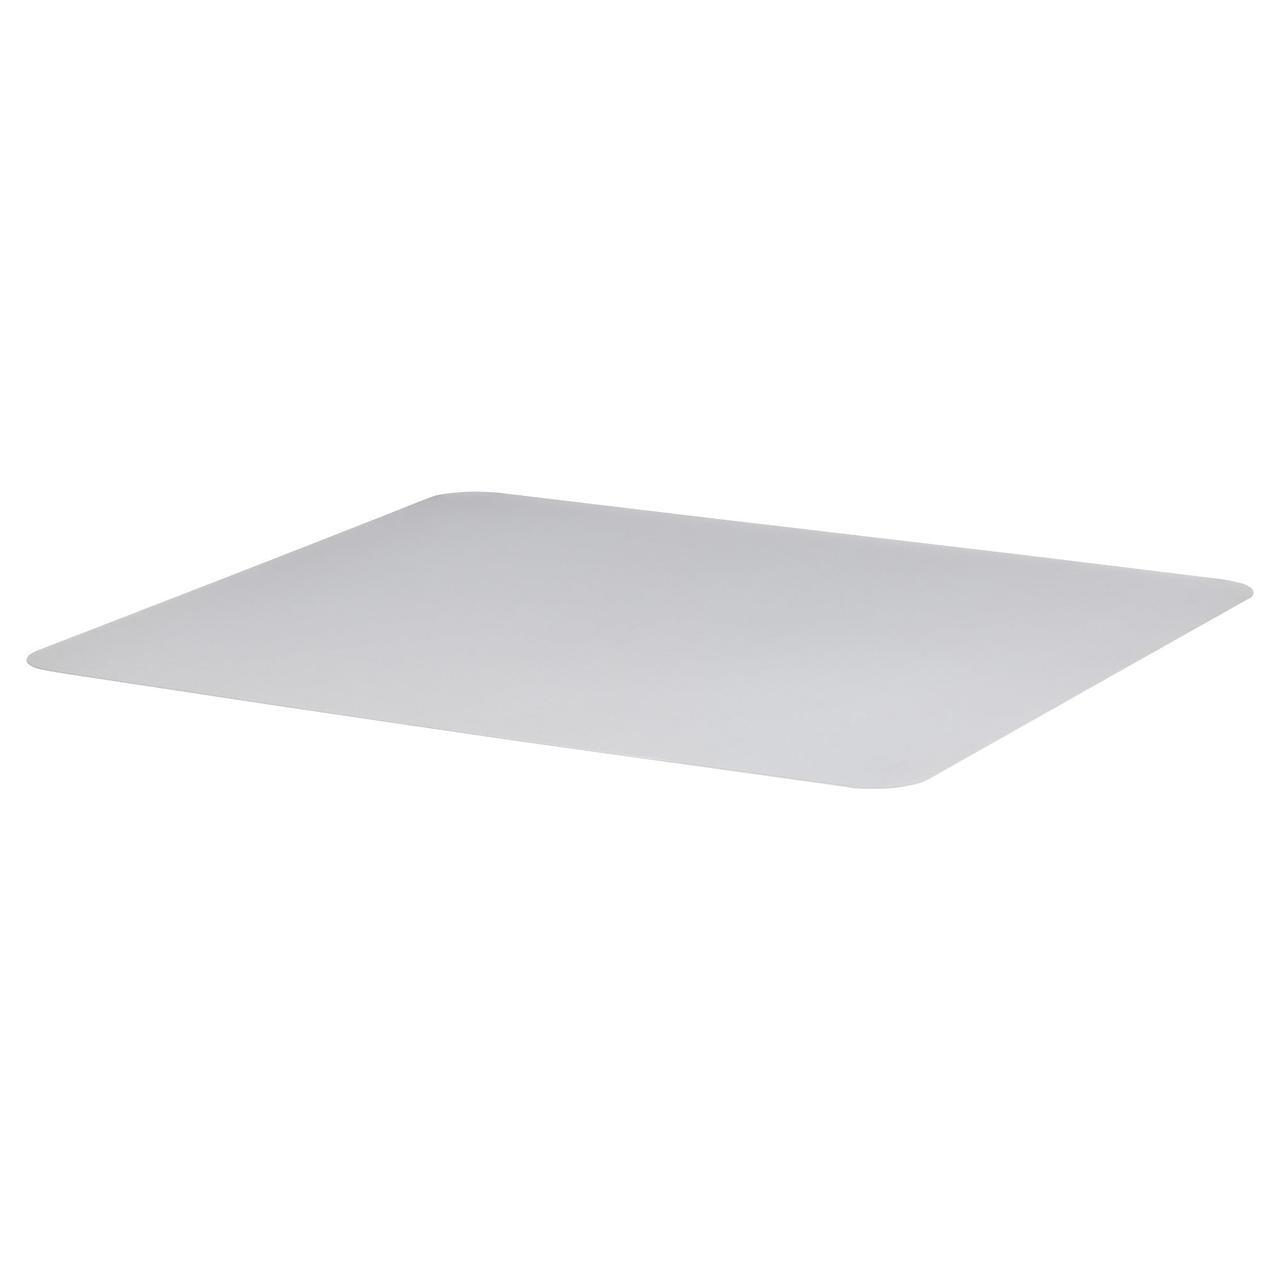 IKEA KOLON (448.811.00) Захисне підлогове покриття 120x100 см